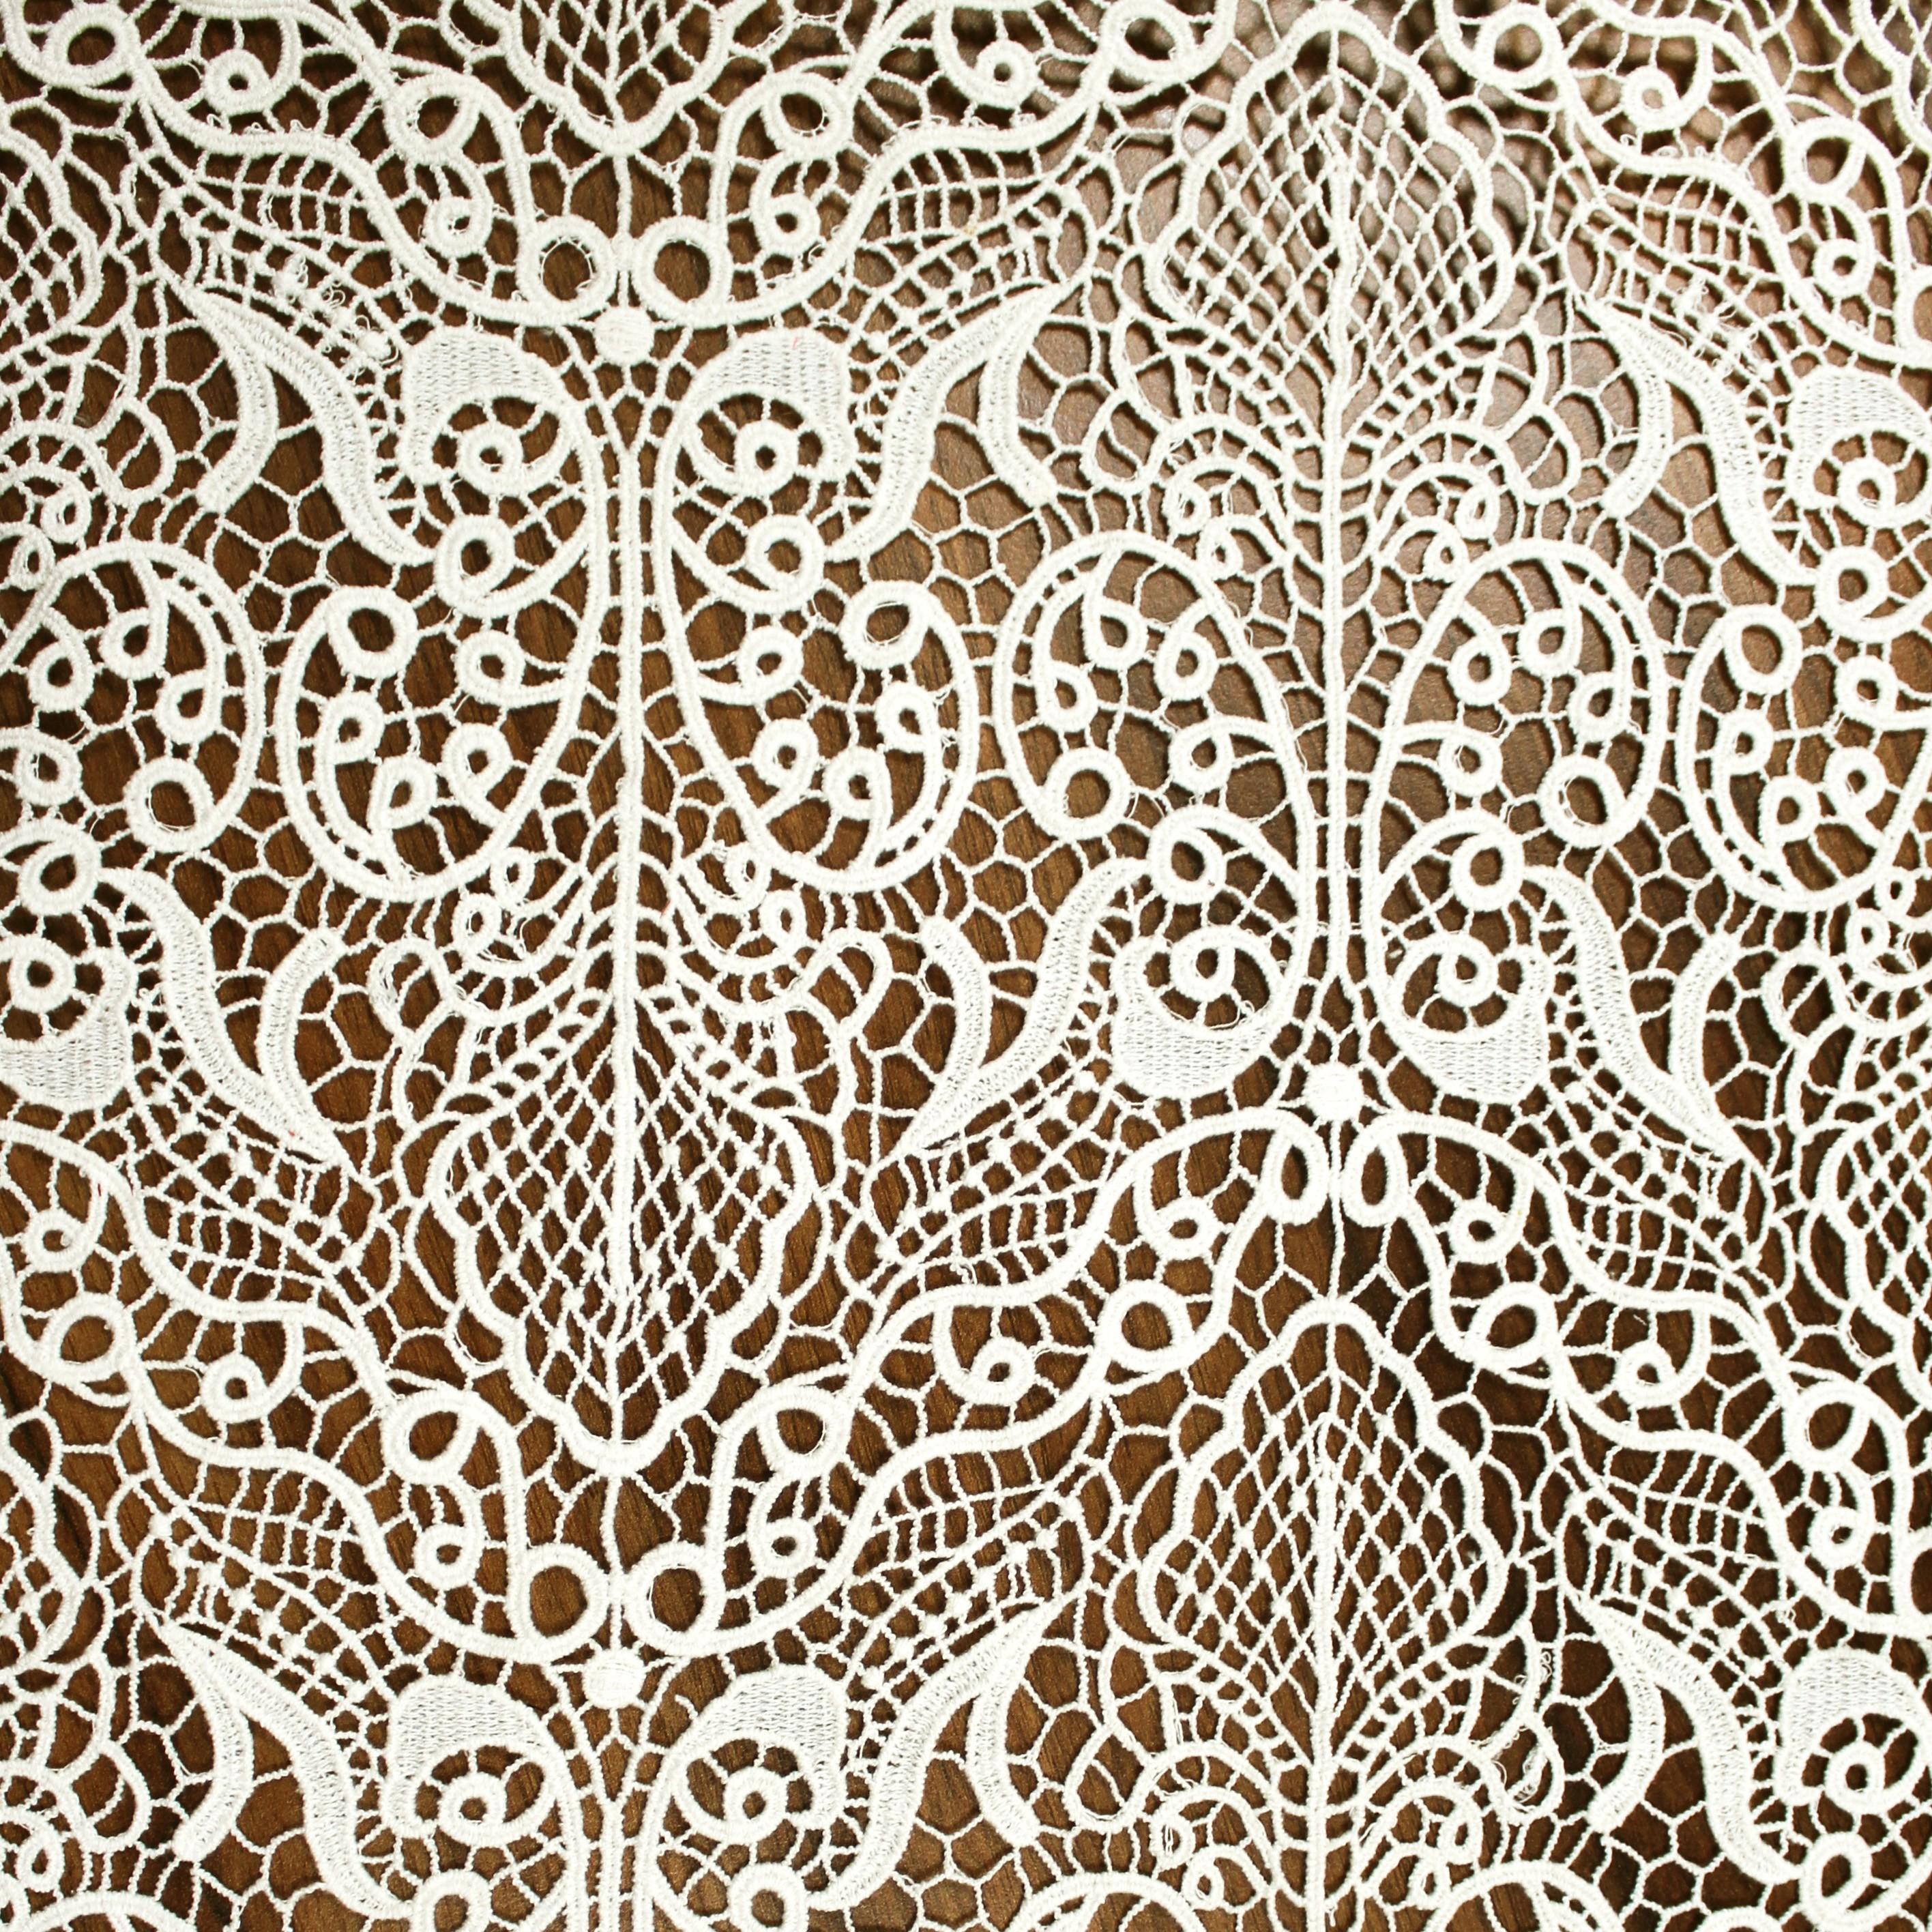 Cotton Embroidery Lace Cream